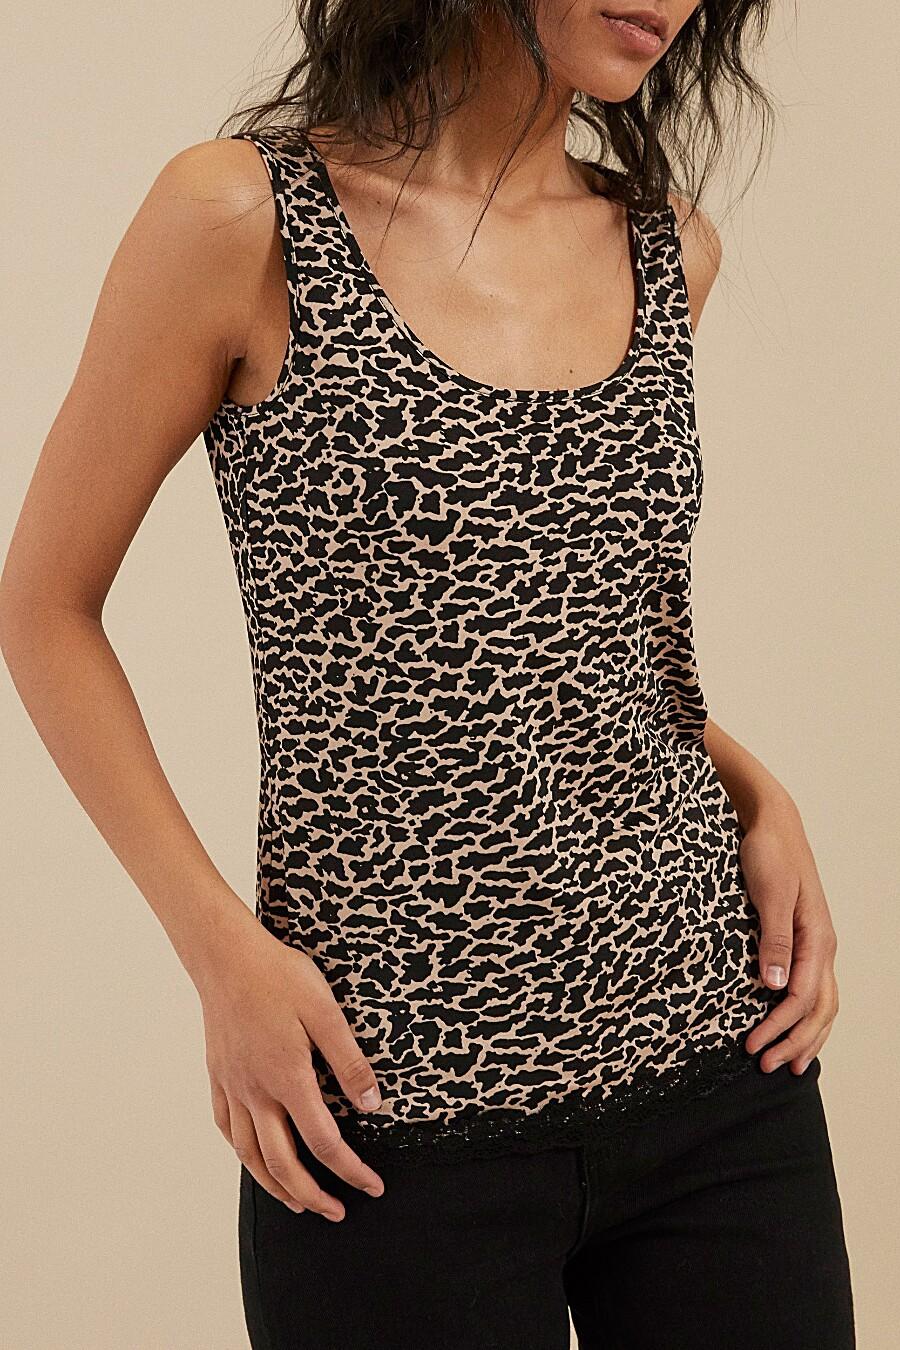 Топ для женщин ZARINA 205173 купить оптом от производителя. Совместная покупка женской одежды в OptMoyo